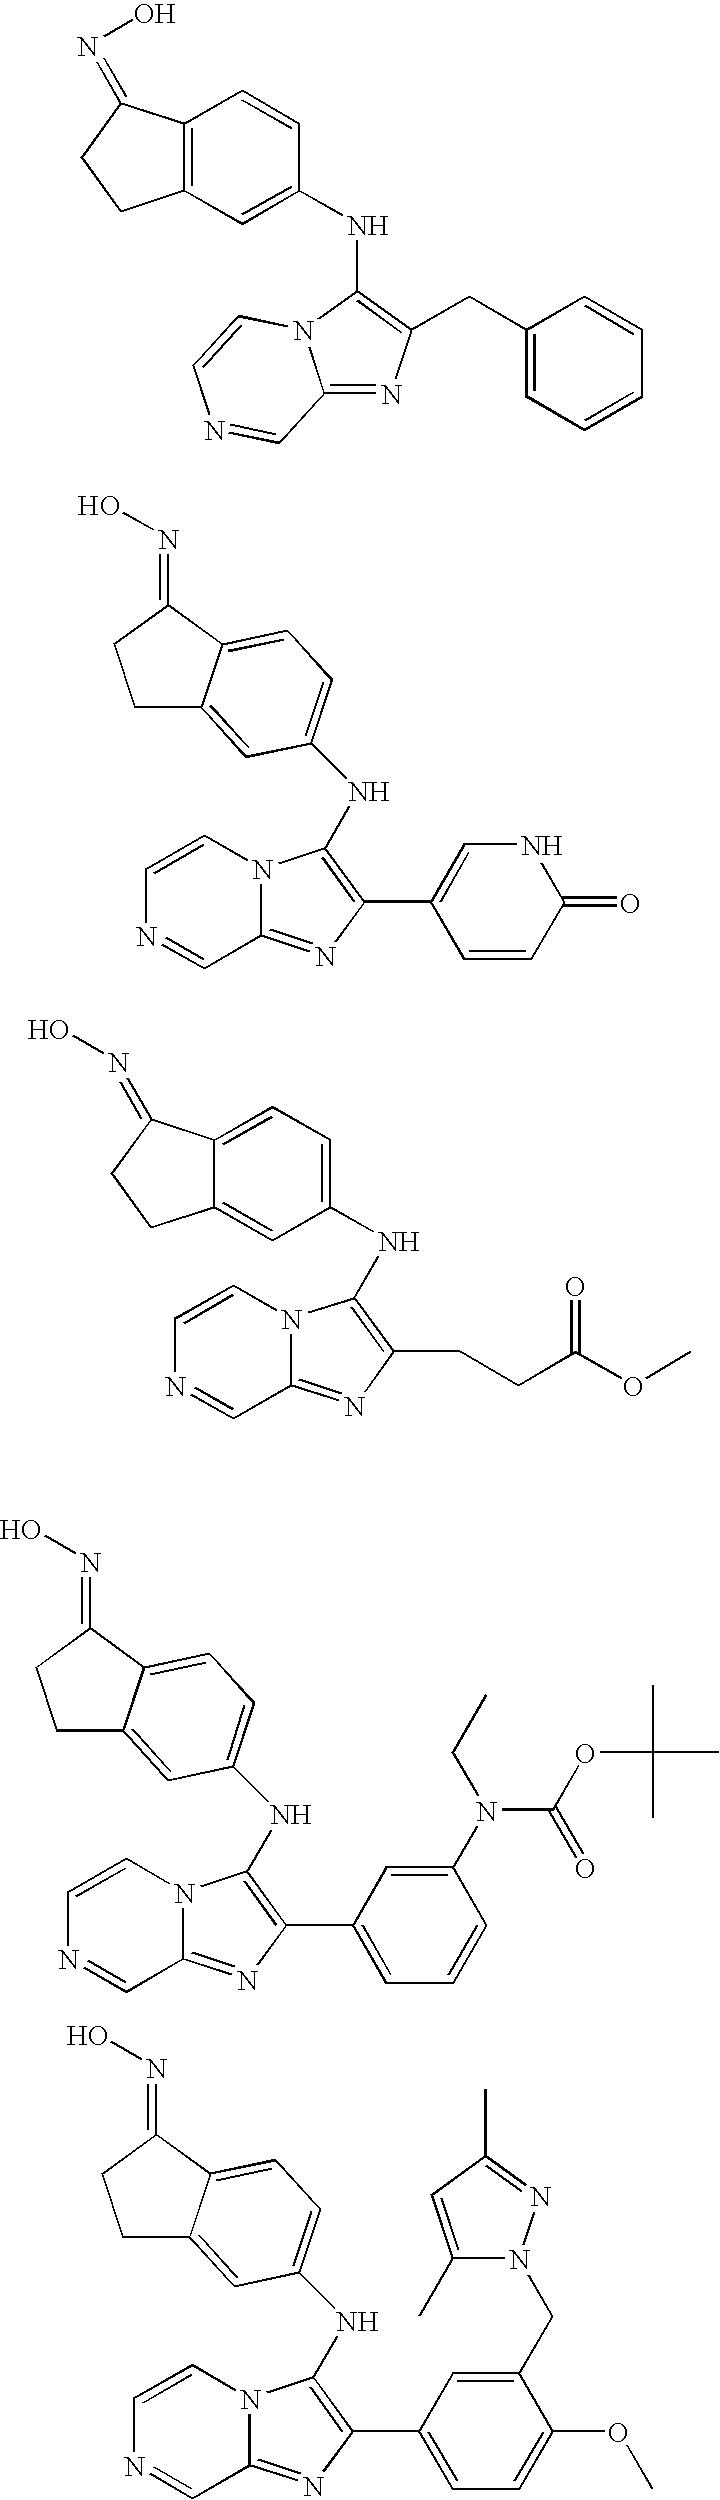 Figure US07566716-20090728-C00151